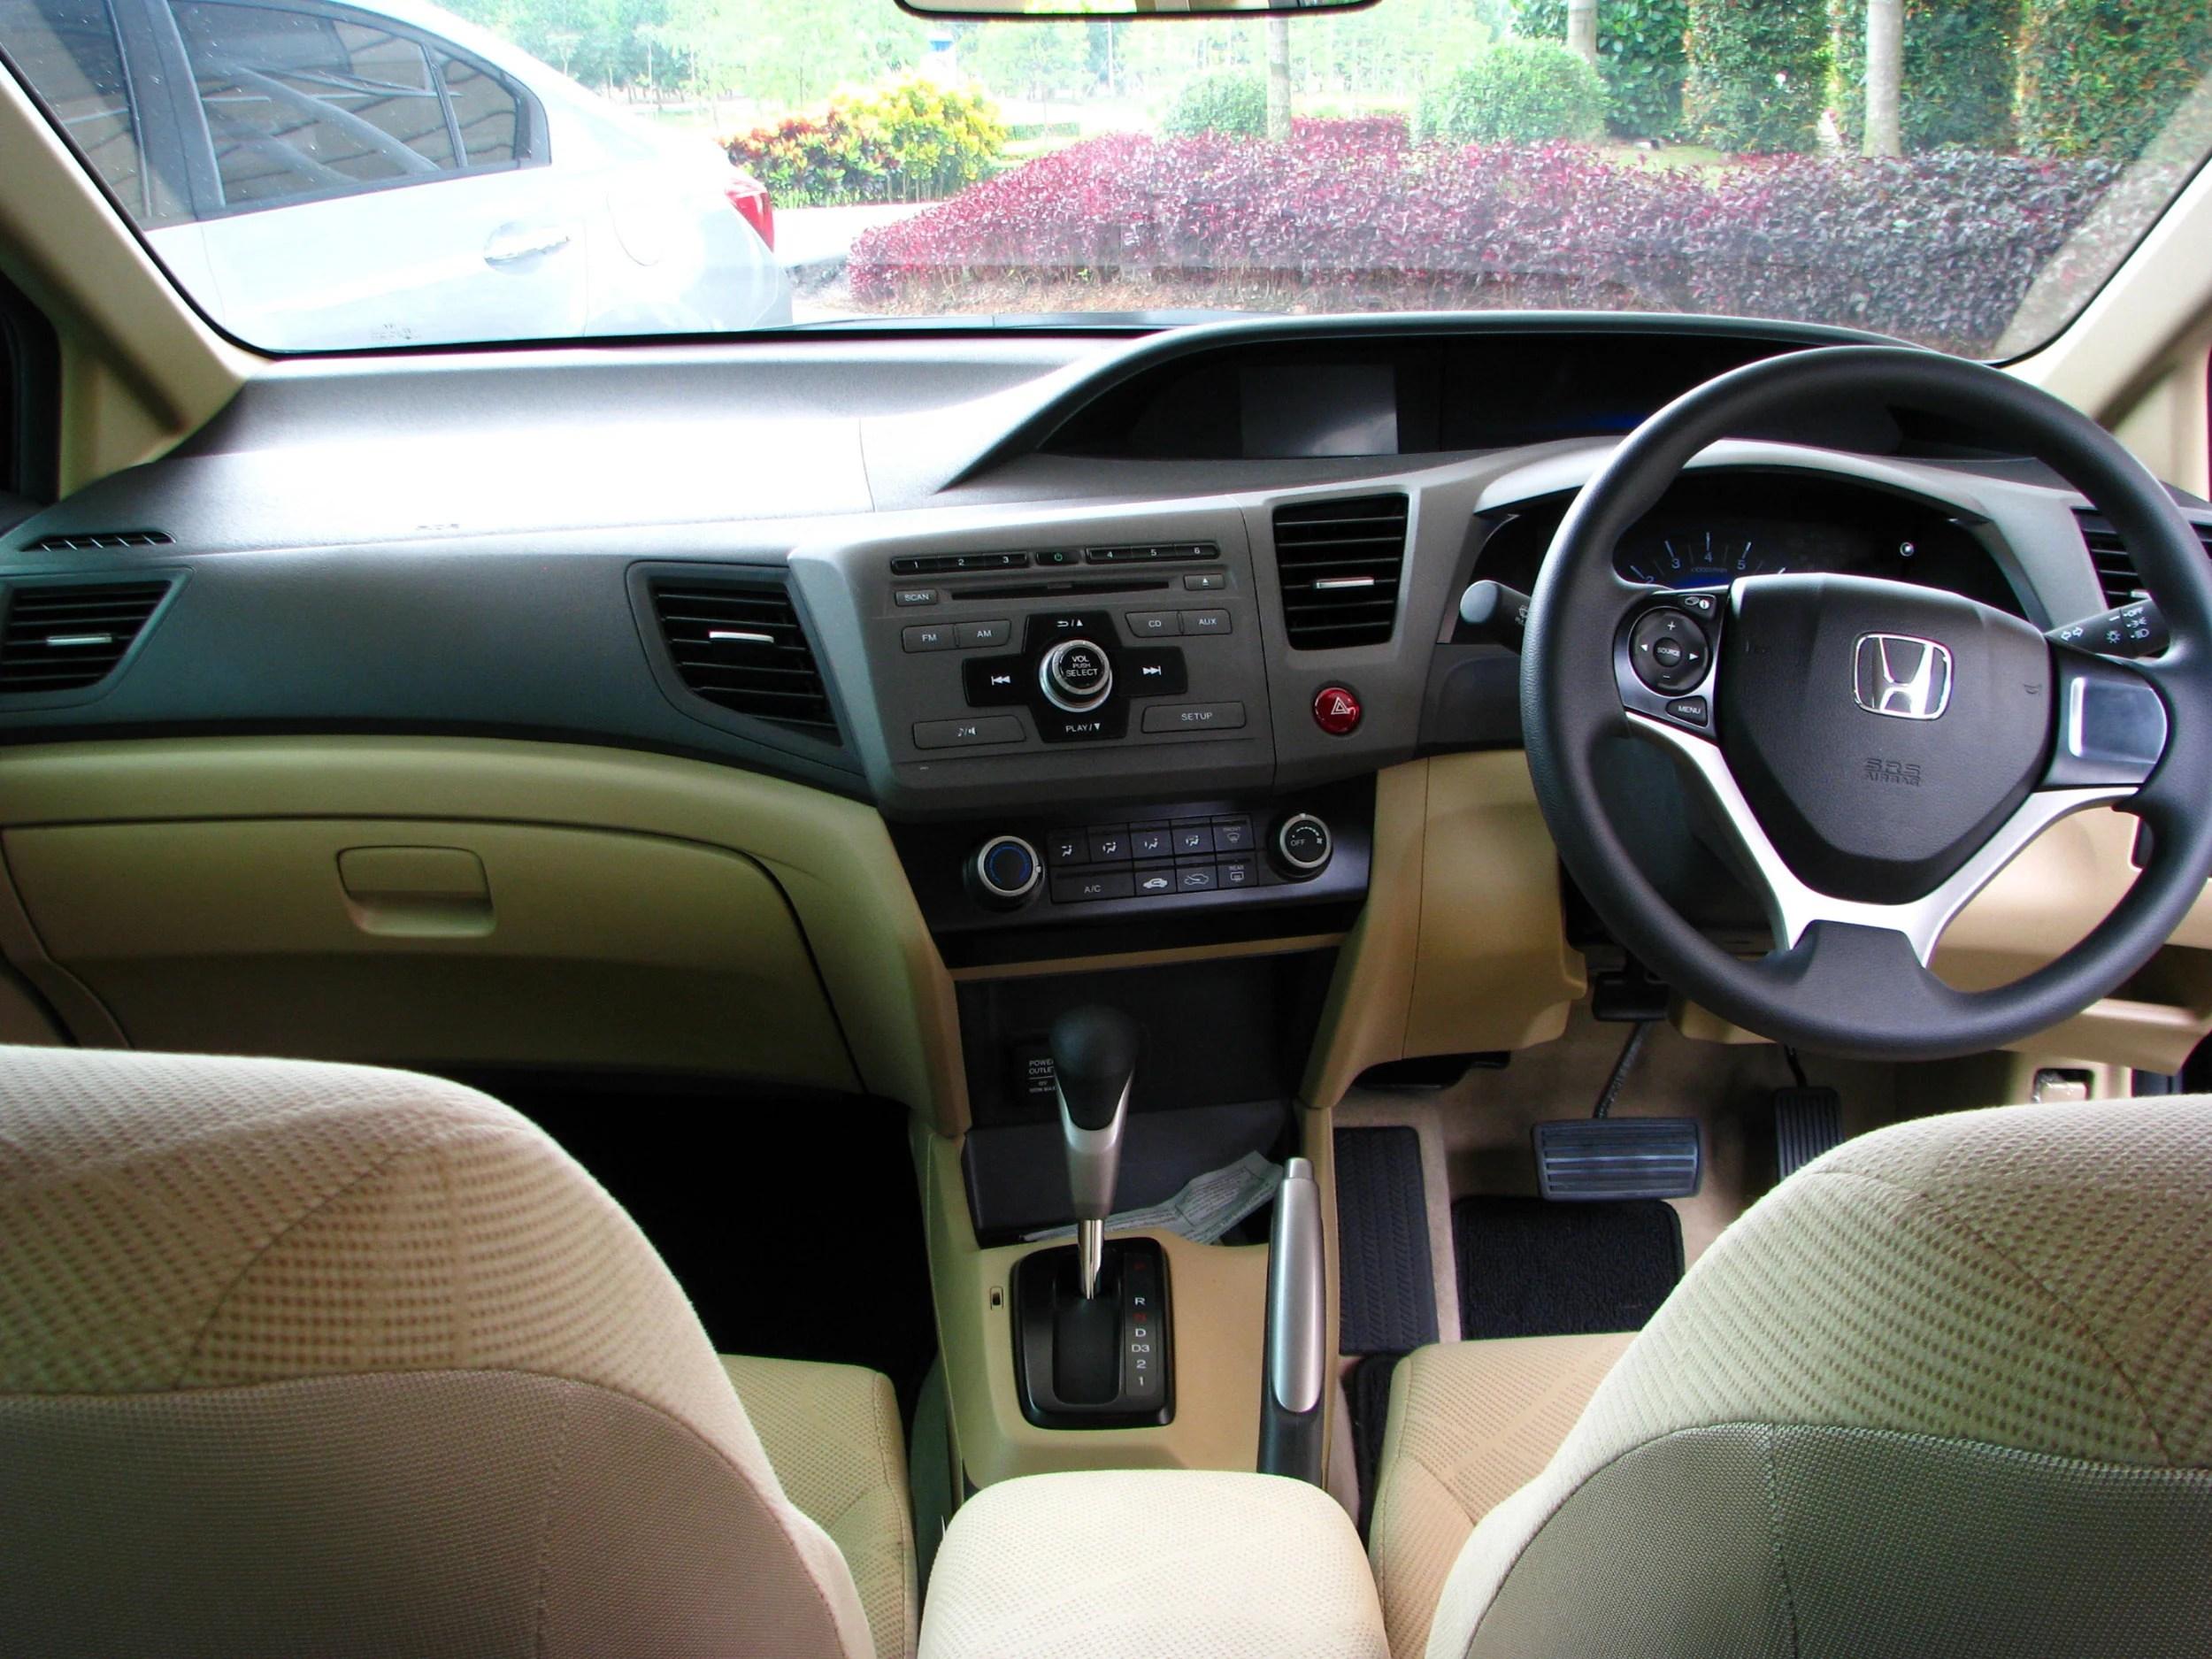 all new corolla altis vs civic tank cover grand avanza driven 2012 honda fb 9th gen previewed in